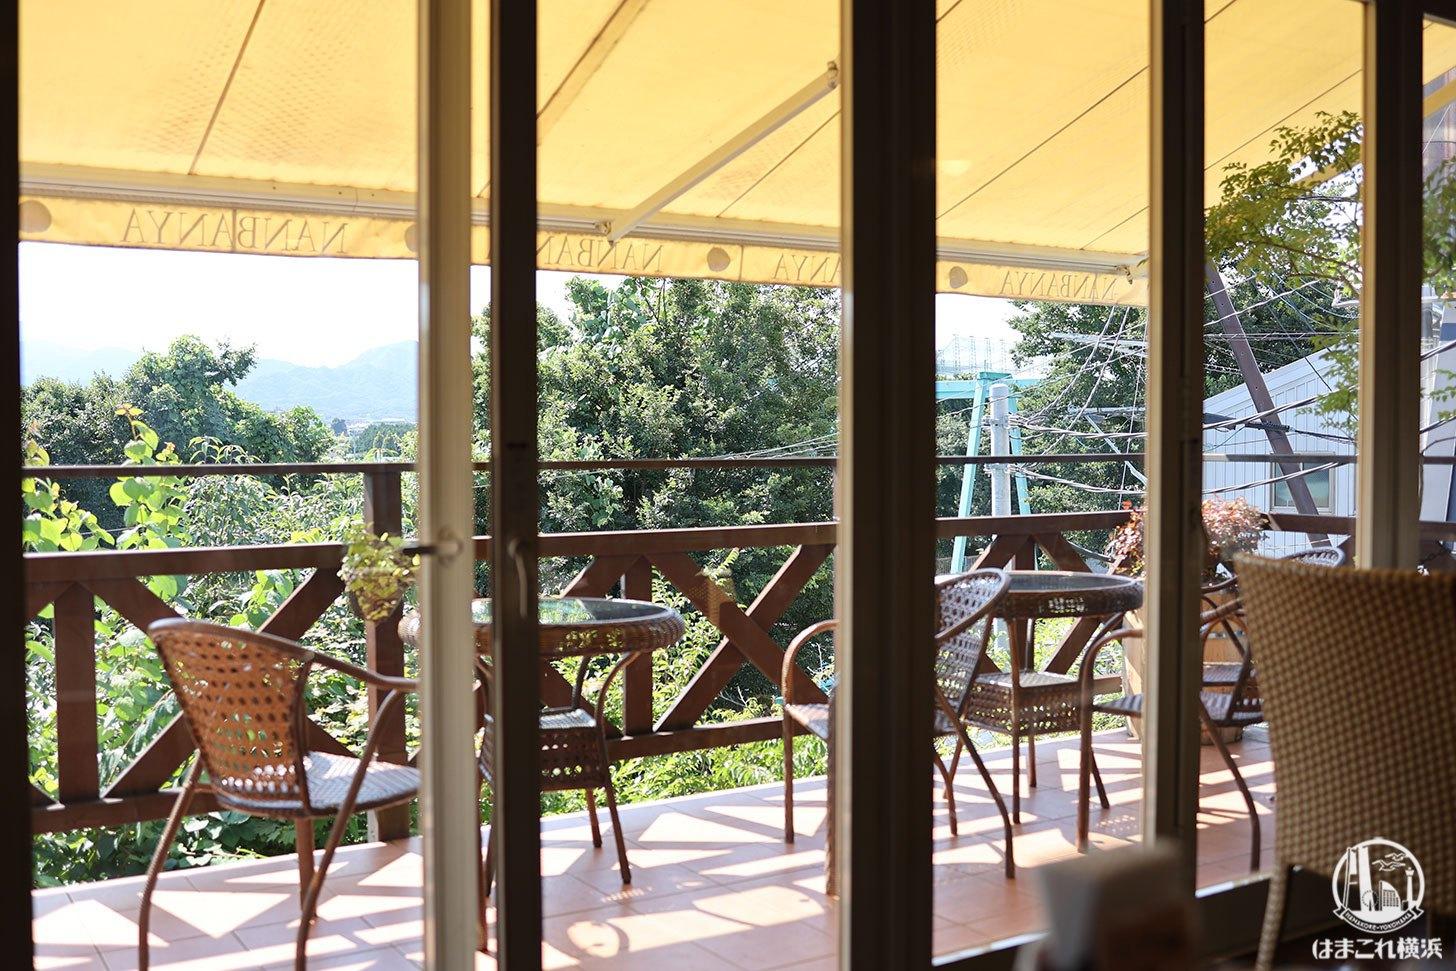 南蛮屋ガーデン 窓から見た風景